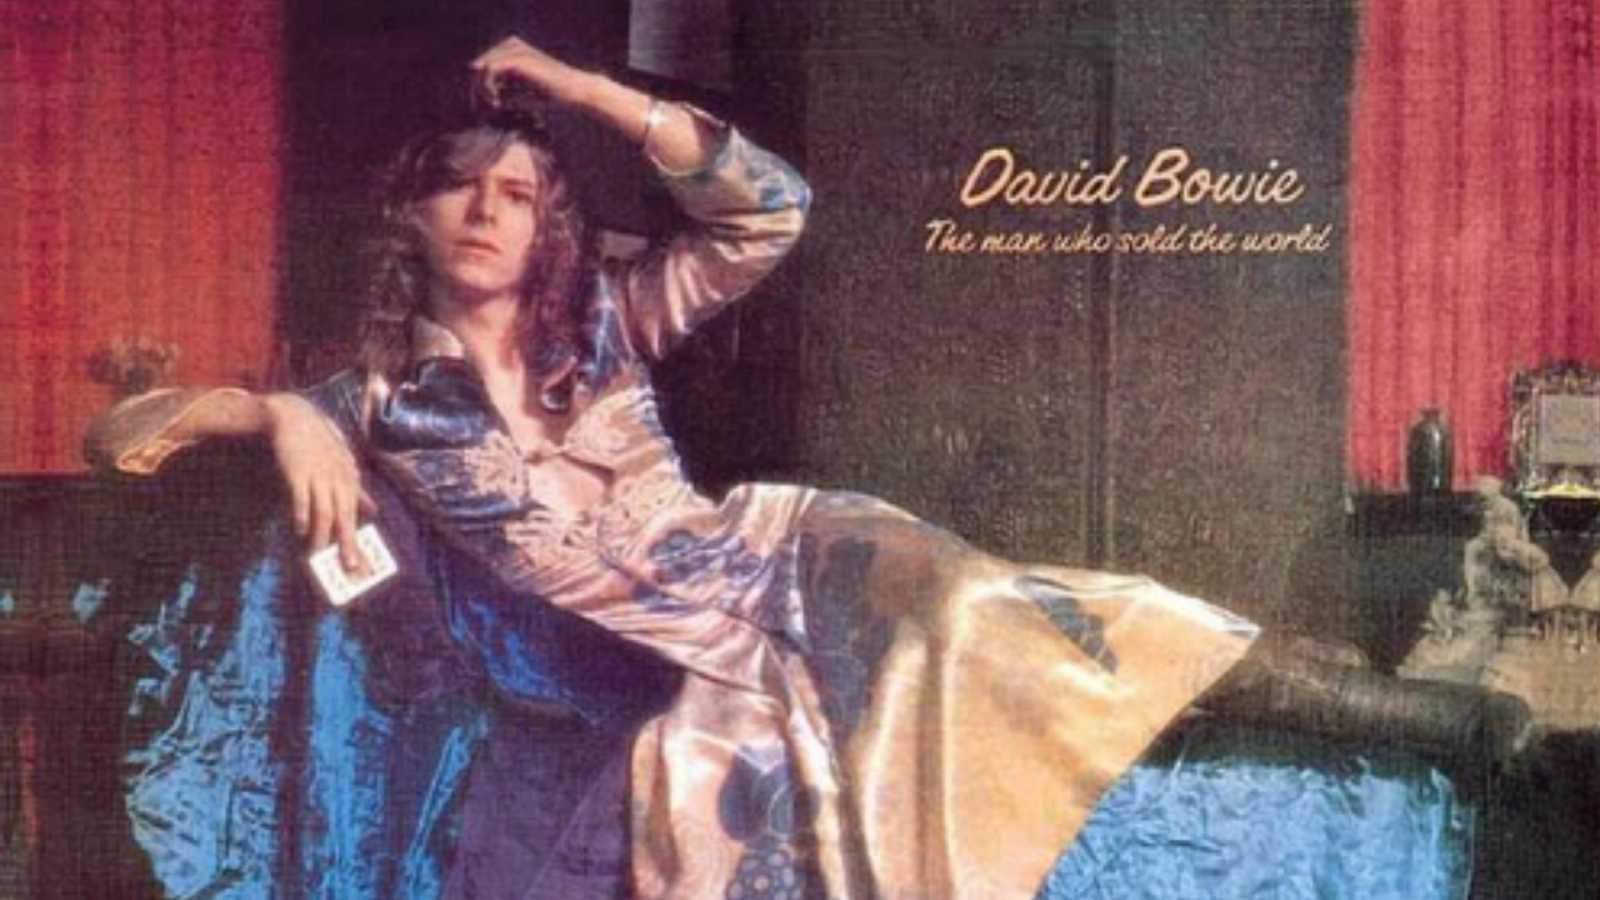 El sótano - Bowie; 50 años de The man who sold the world - 04/11/20 - escuchar ahora